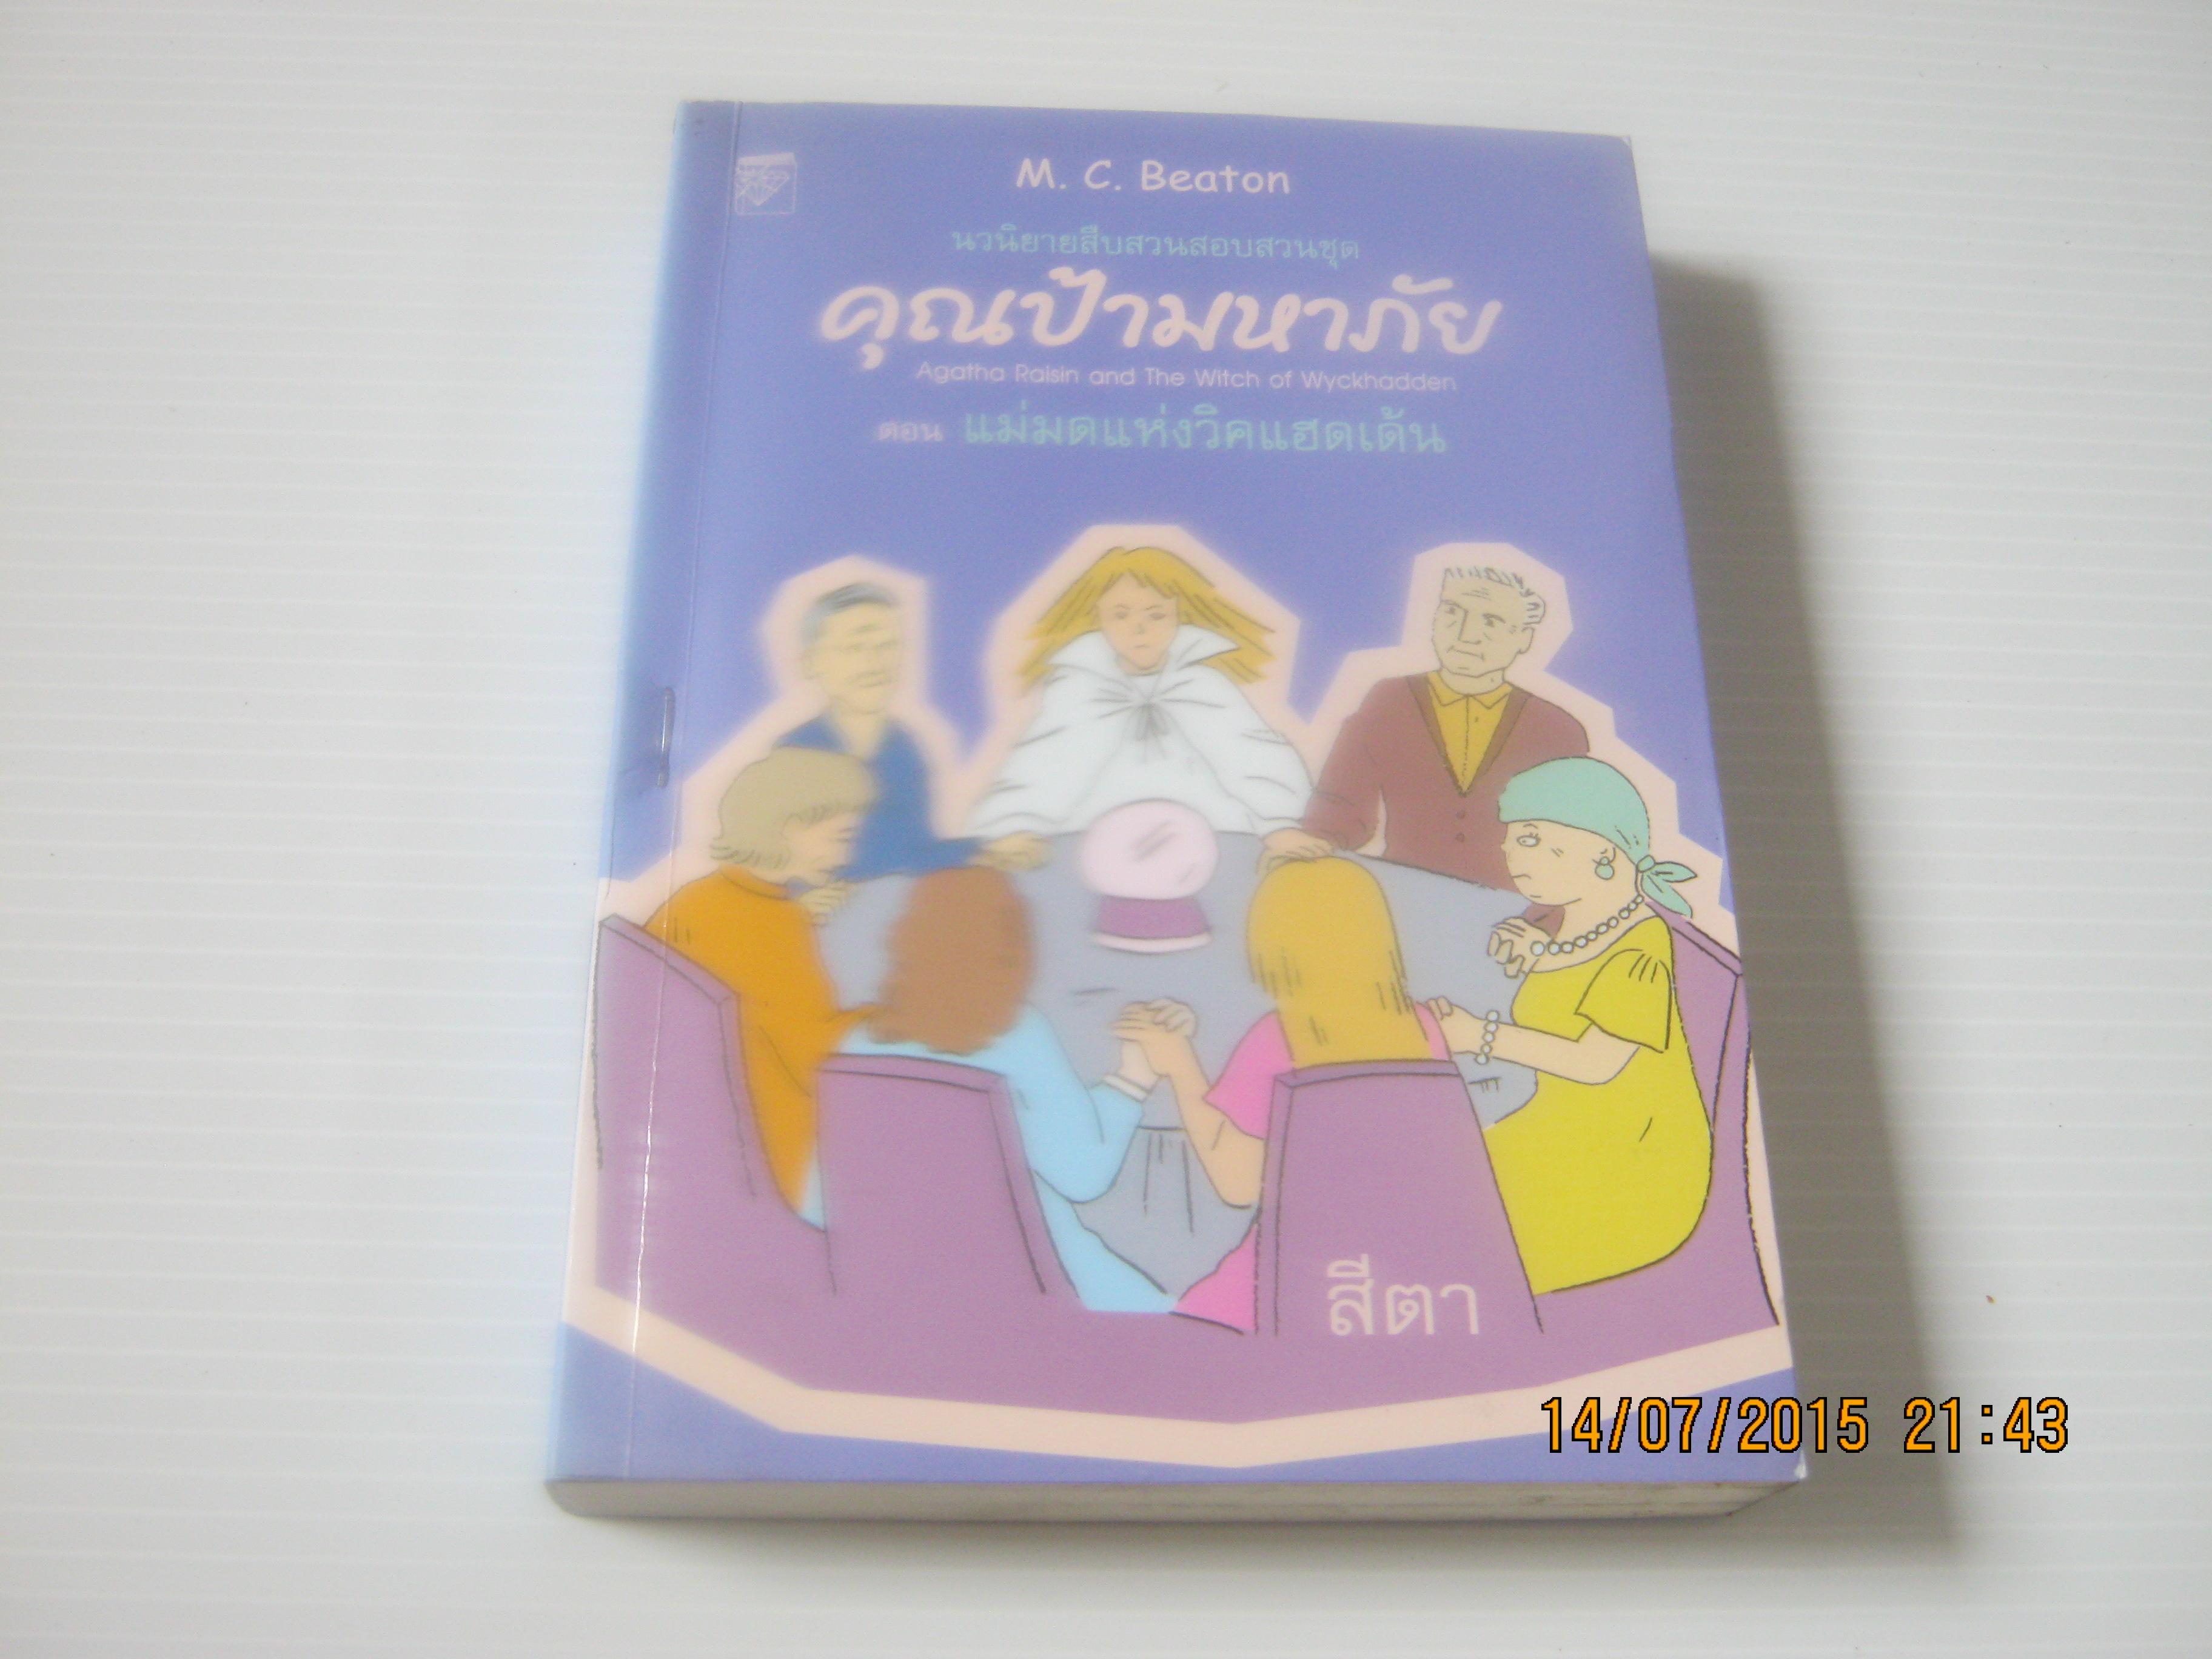 คุณป้ามหาภัย เล่ม 9 ตอน แม่มดแห่งวิคแฮดเด้น (Agatha Raisin and The Witah of Wyckhadden) M.C. Beaton เขียน สีตา แปล